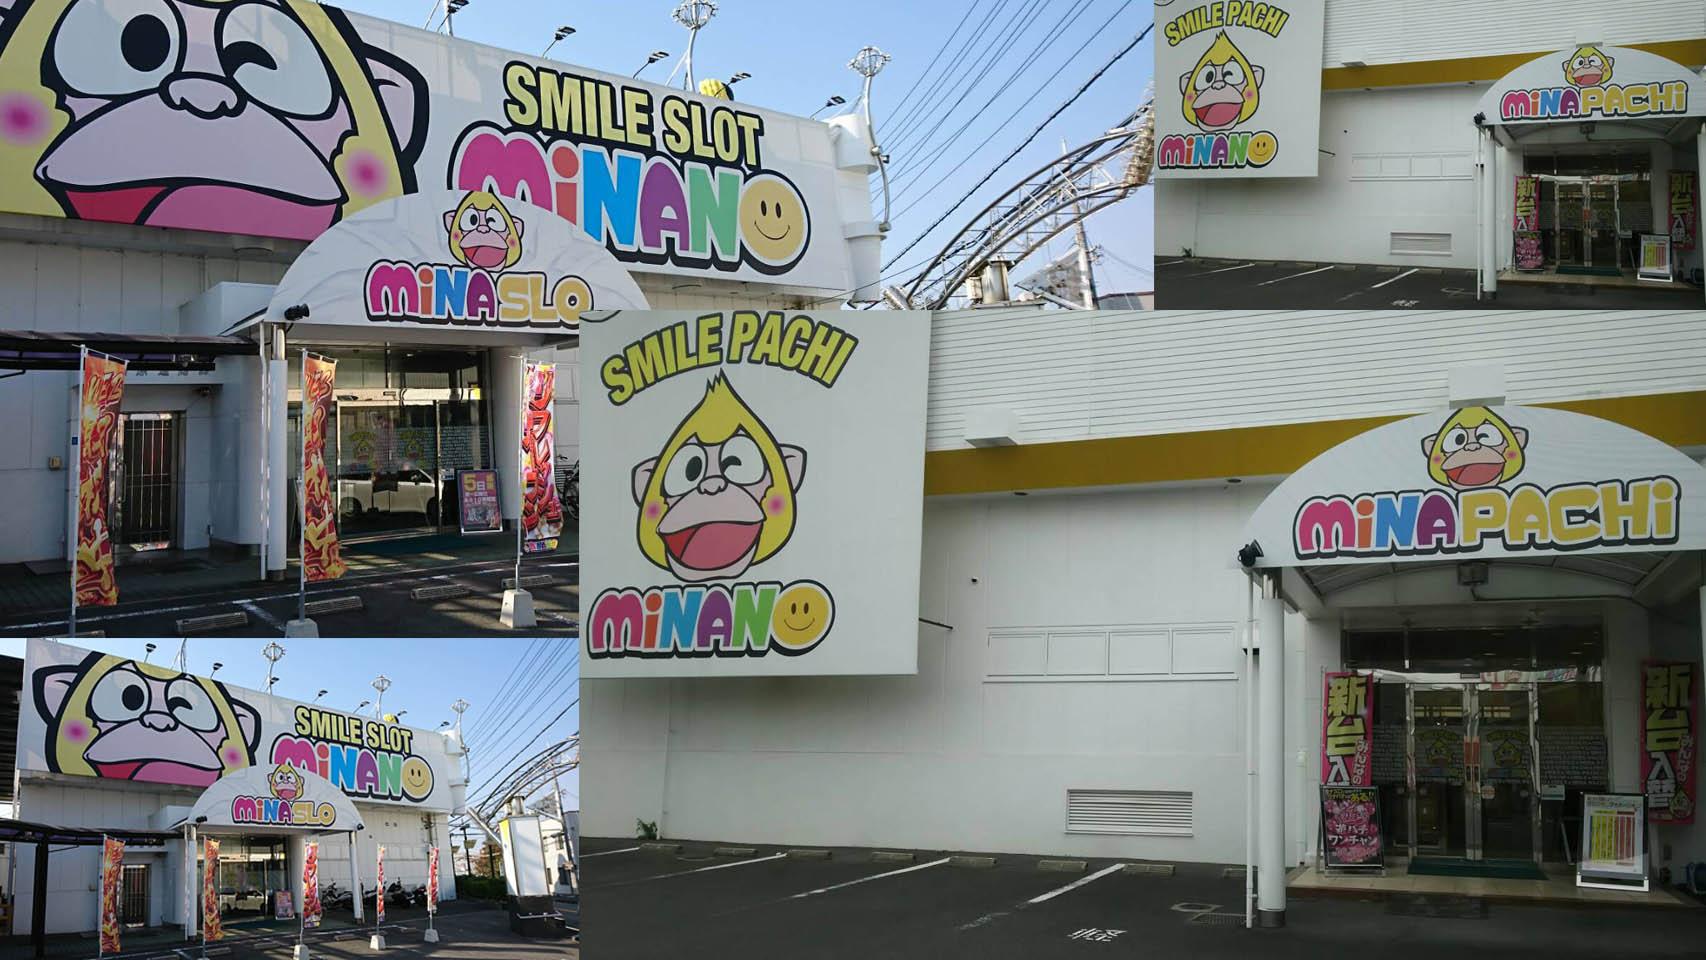 ミナパチミナスロ(大阪)